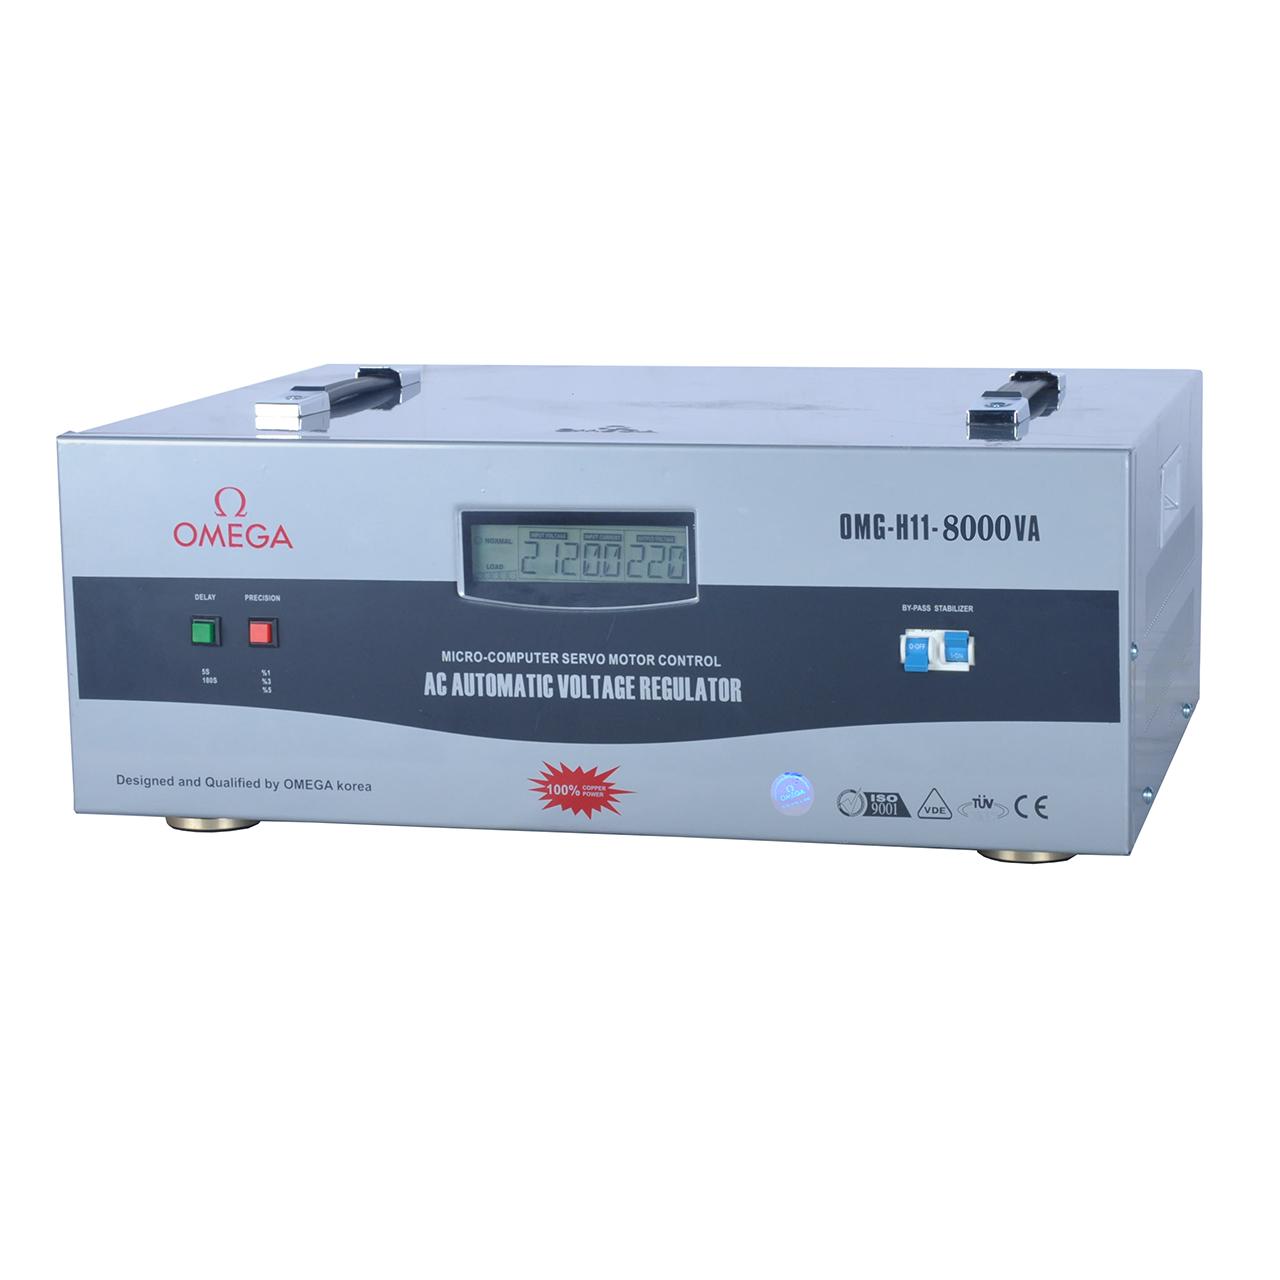 استابلایزر امگا مدل OMG-H11-8KVA ظرفیت 8000VA